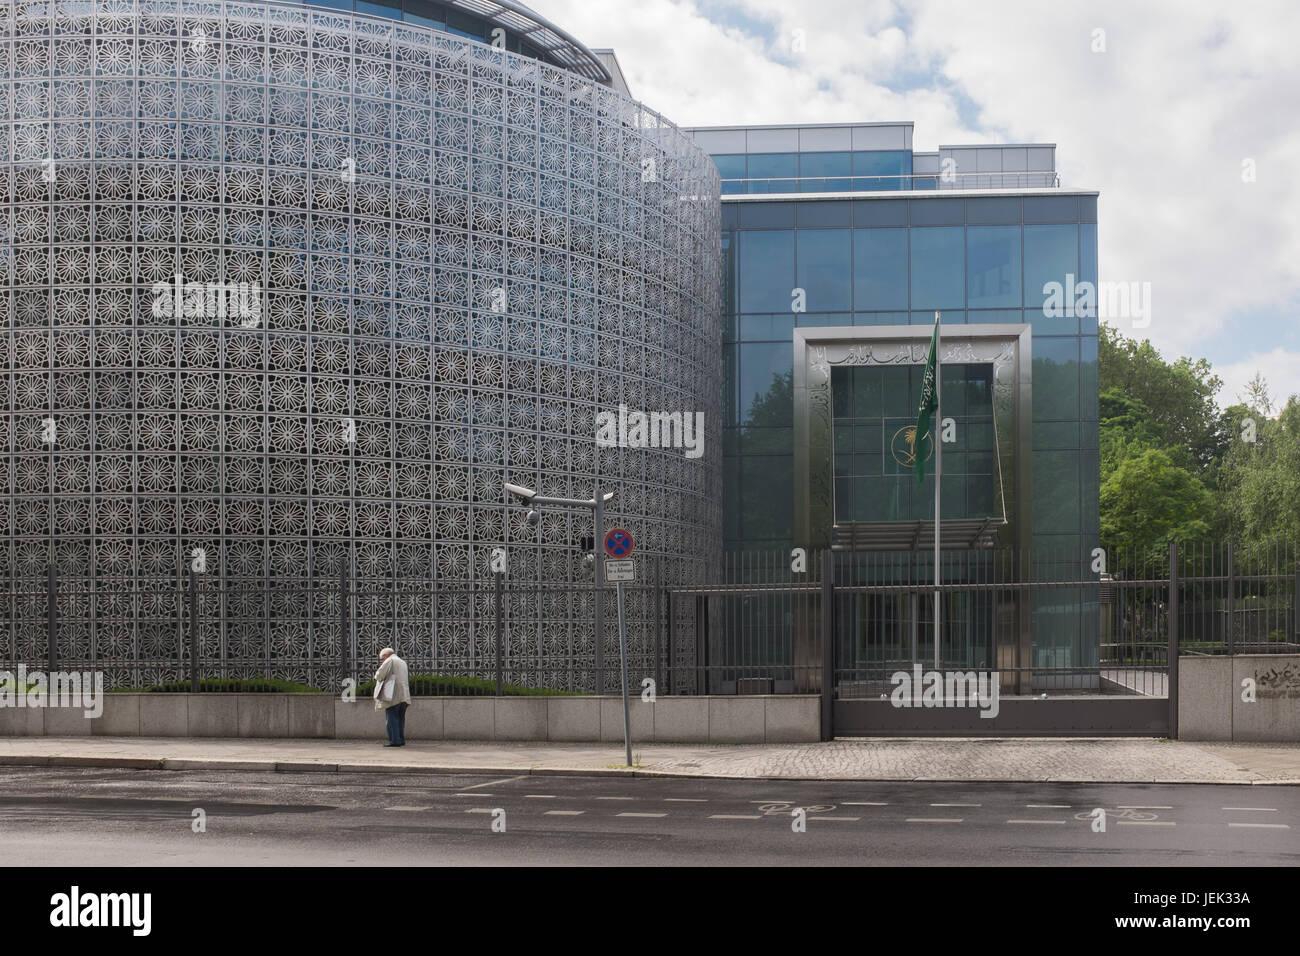 BERLIN, 16TH JUNE: The Embassy of Saudi Arabia in Berlin on June 16th, 2017. - Stock Image